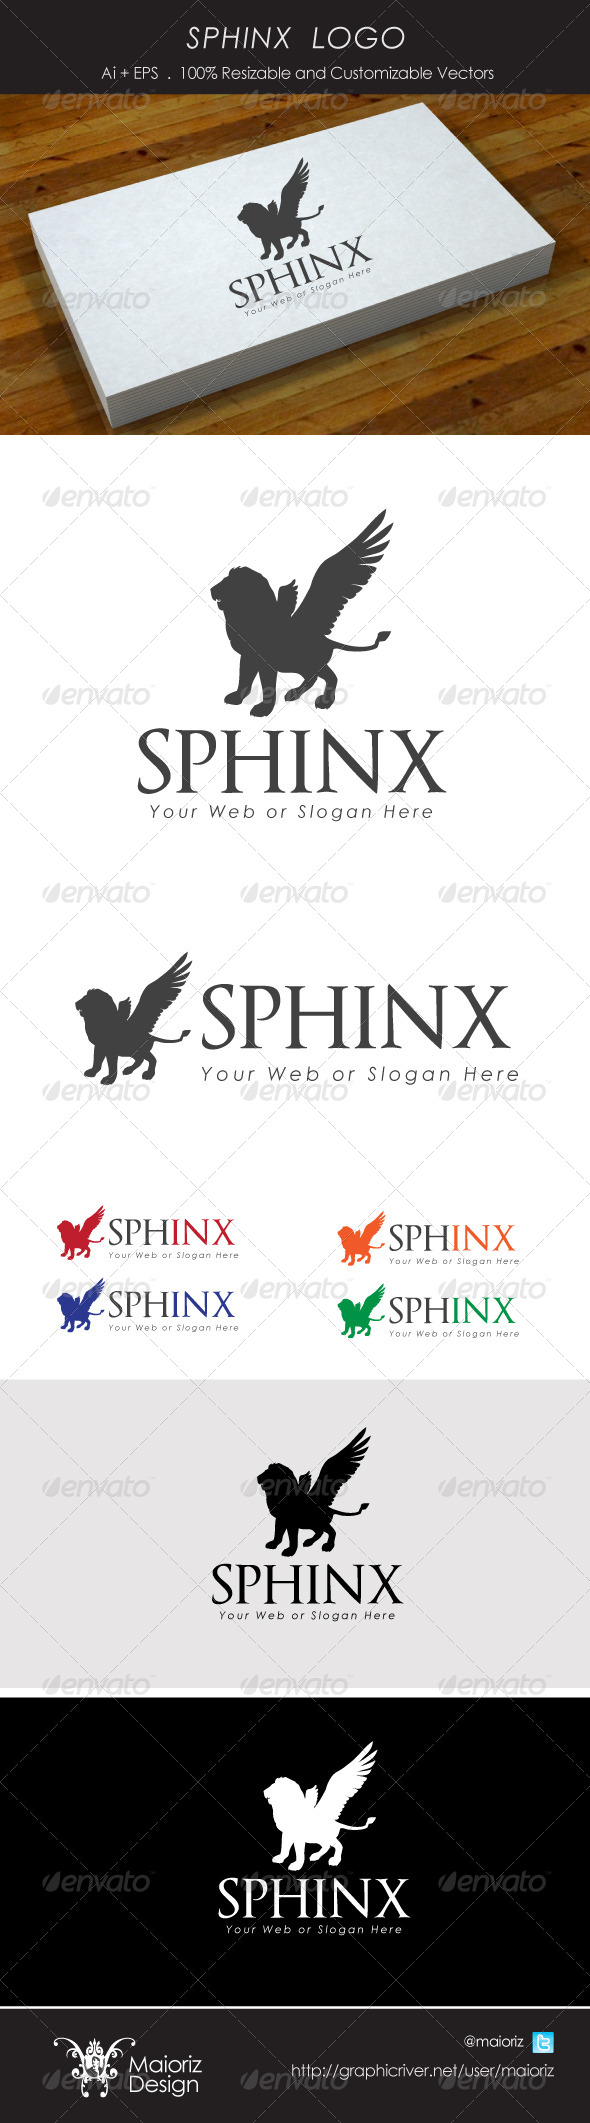 GraphicRiver Sphinx Logotype 4045302